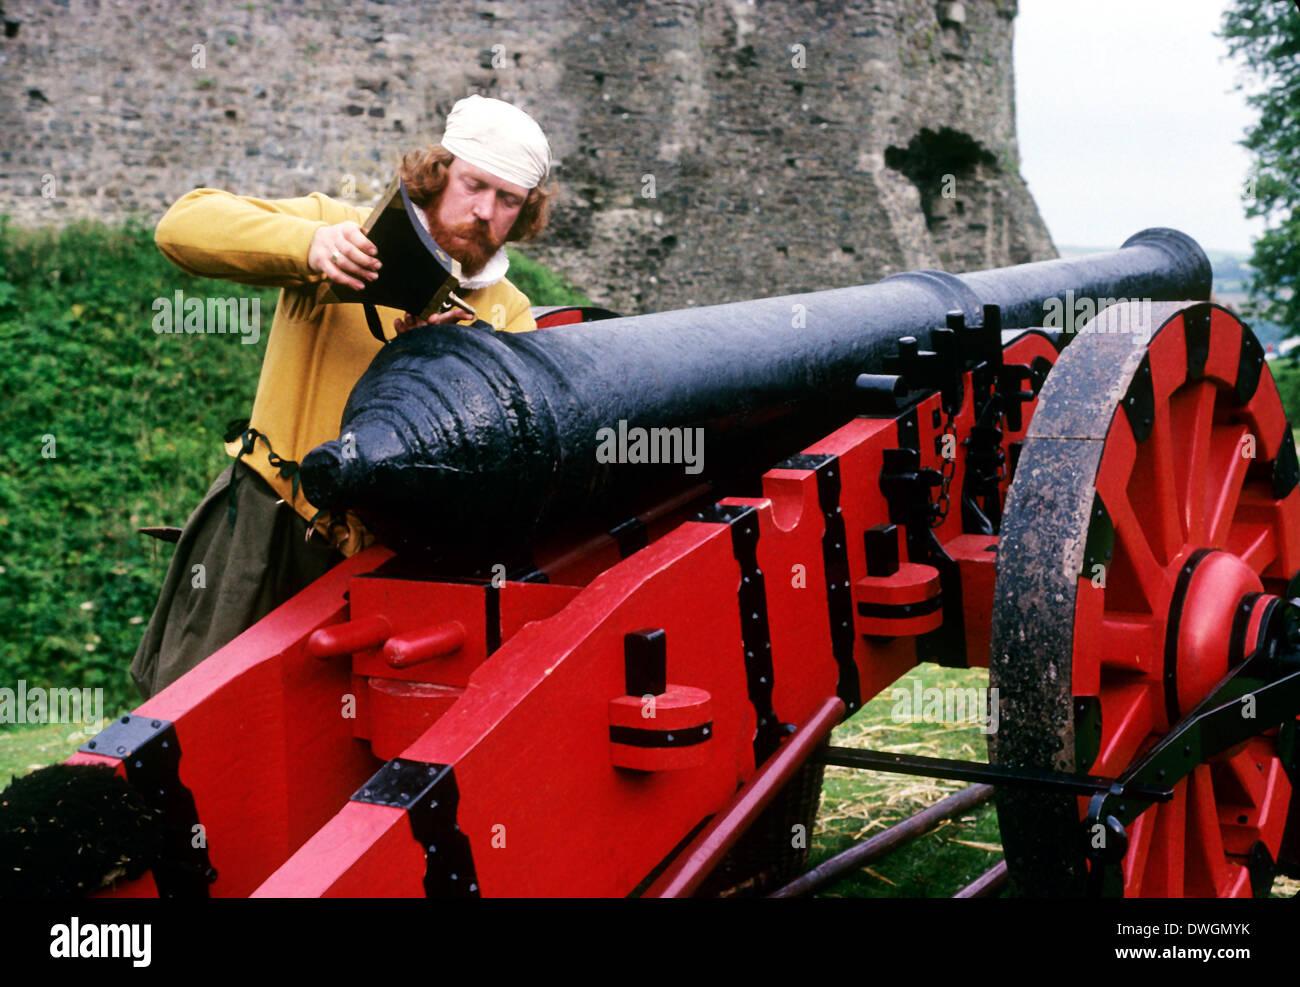 Inglese carico di artigliare il cannone, Tudor Periodo dal XVI secolo, rievocazione storica armi artiglieria armi Immagini Stock